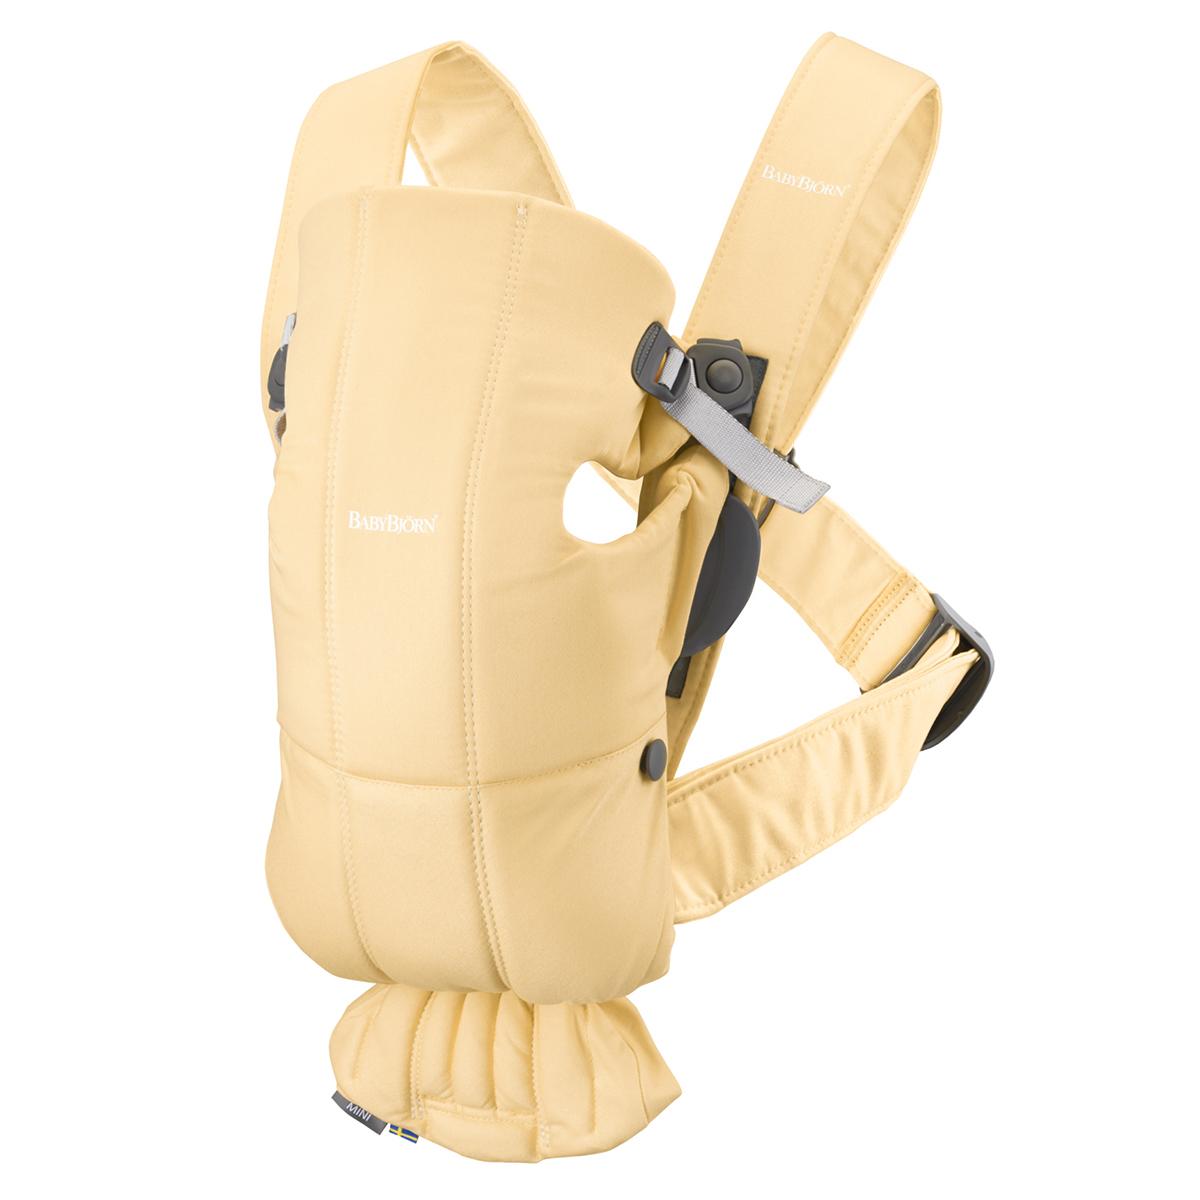 Porte bébé Porte-bébé Mini 3D Coton - Jaune Clair Porte-bébé Mini 3D Coton - Jaune Clair